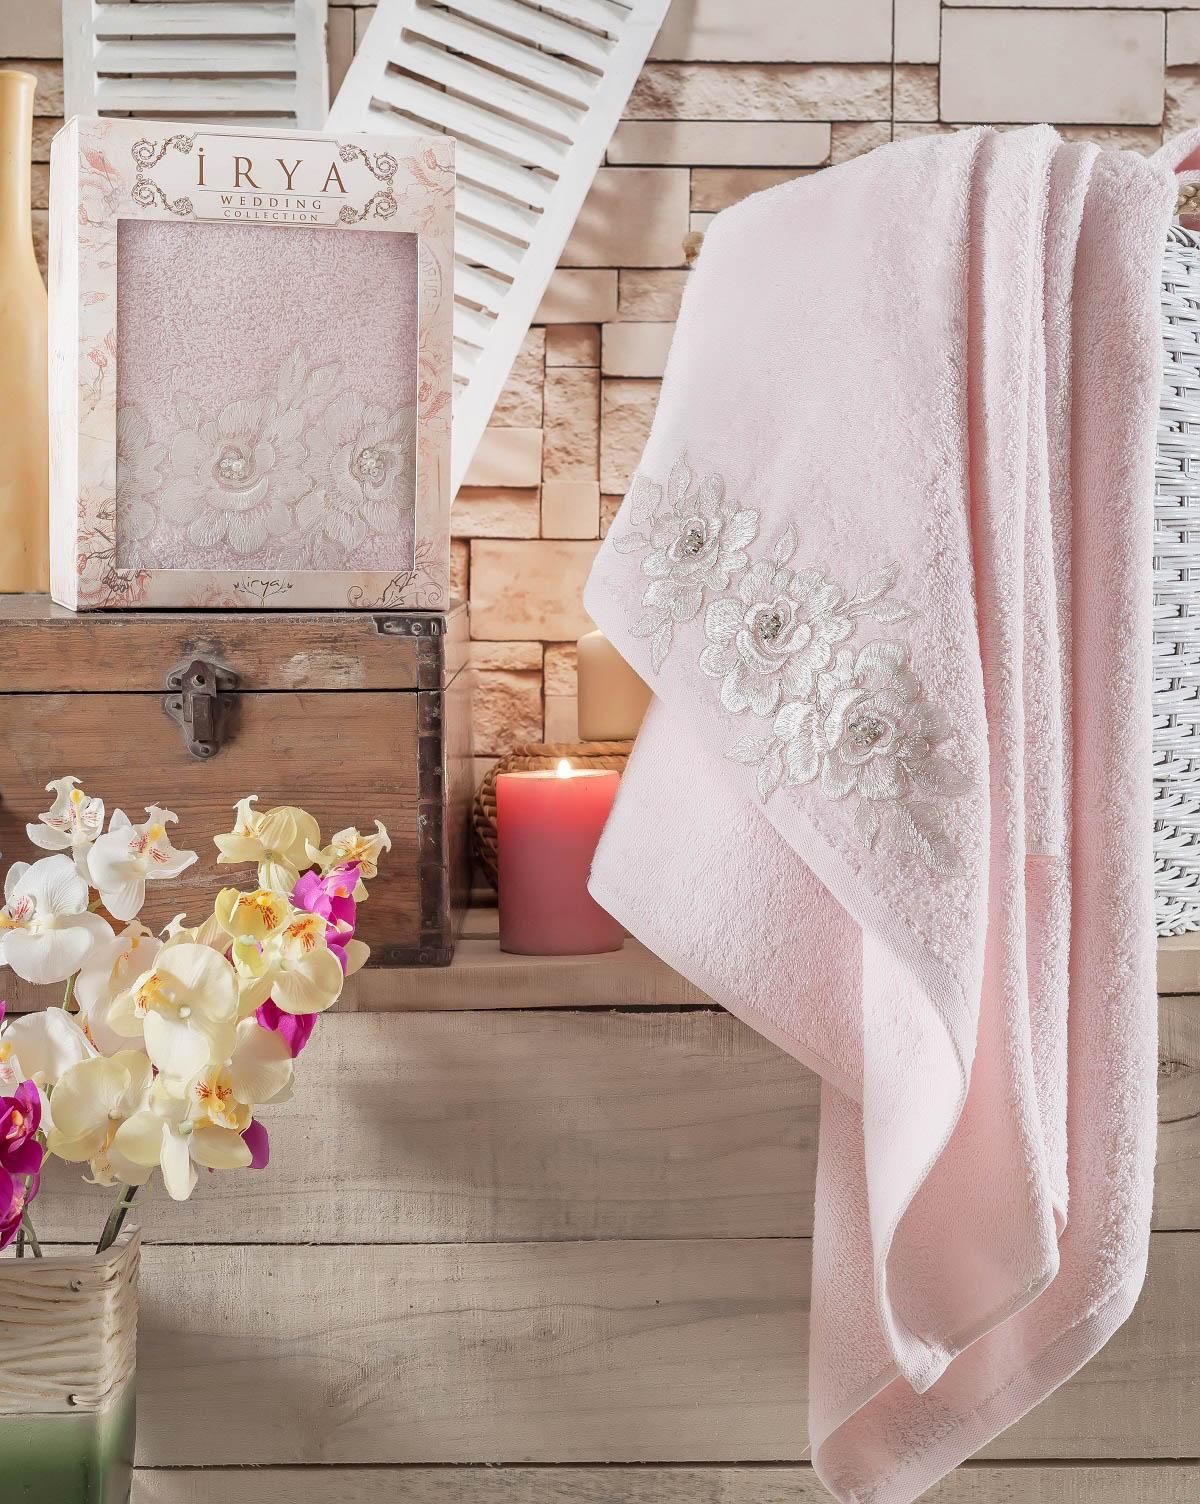 Купить Полотенца IRYA, Полотенце Romantic Цвет: Розовый (85х150 см), Турция, Махра